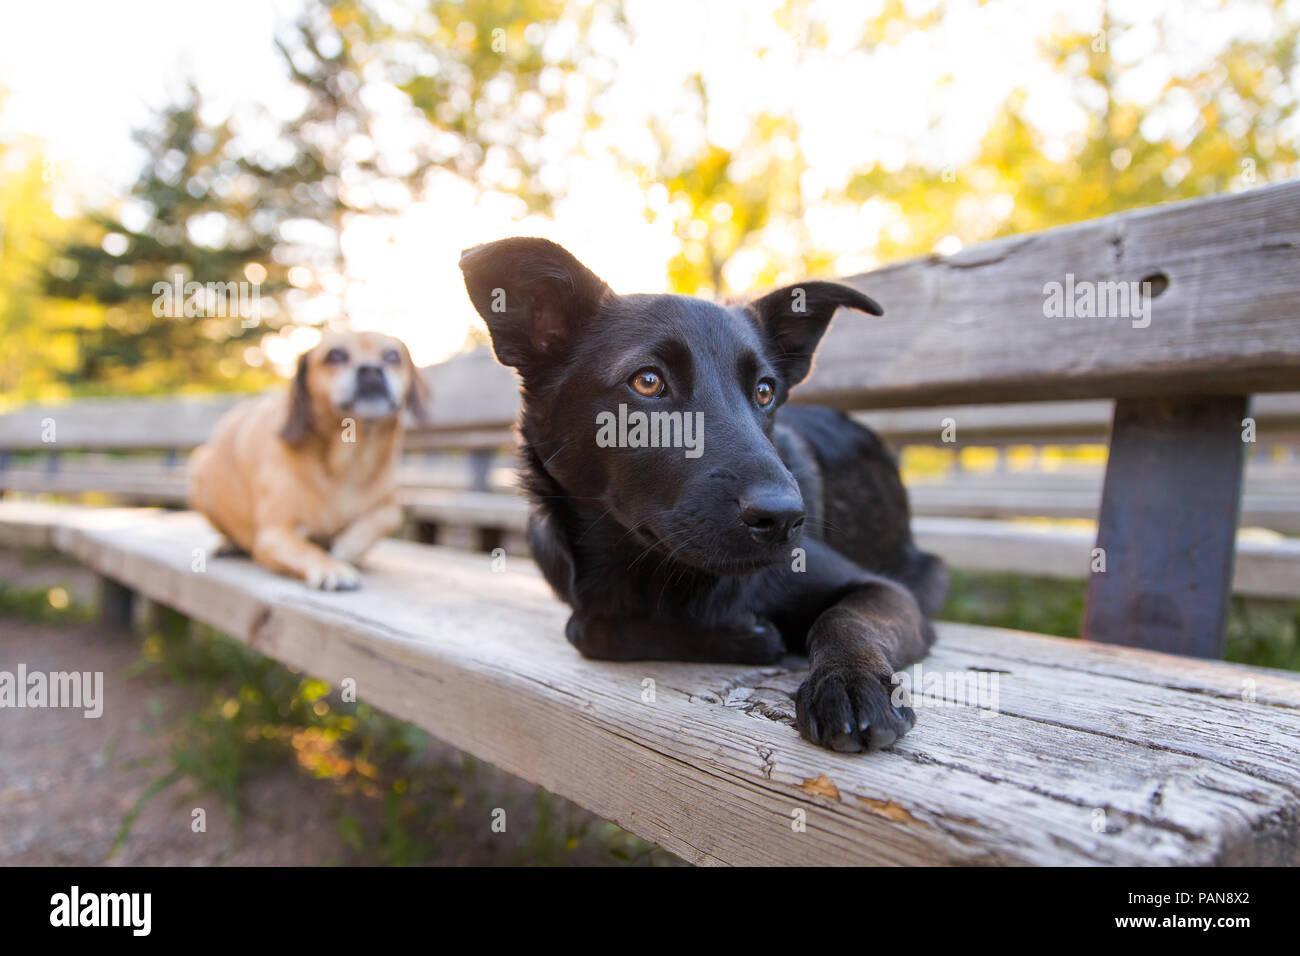 Dos perros sentando en el banco de madera en el parque Foto de stock